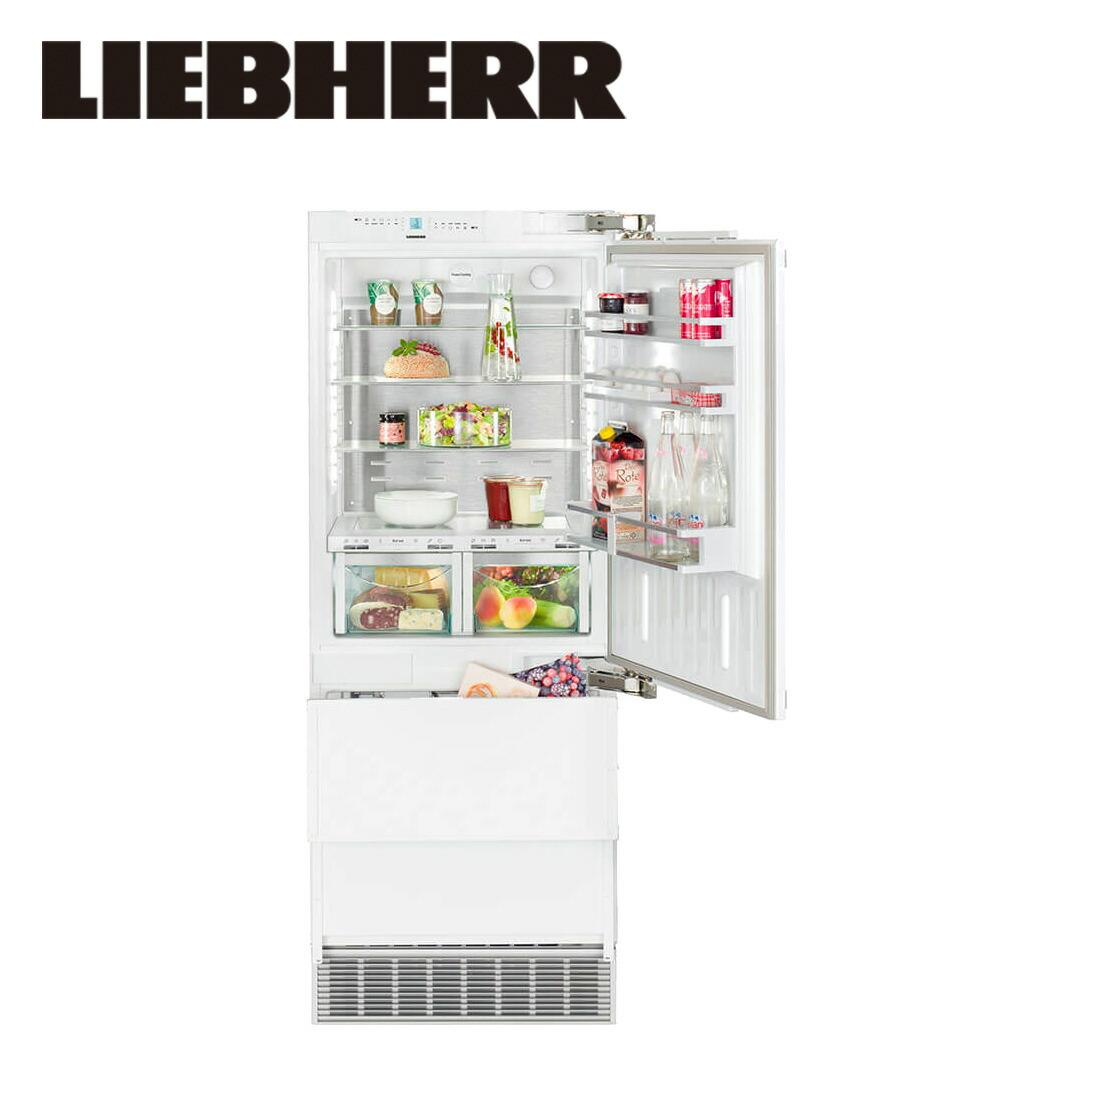 【一都三県は送料・開梱設置無料】リープヘル 冷蔵庫 LIEBHERR ECBN5066 PremiumPlus 462L ビルトイン Built-in Fridge-Freezer 冷凍庫【代引不可】